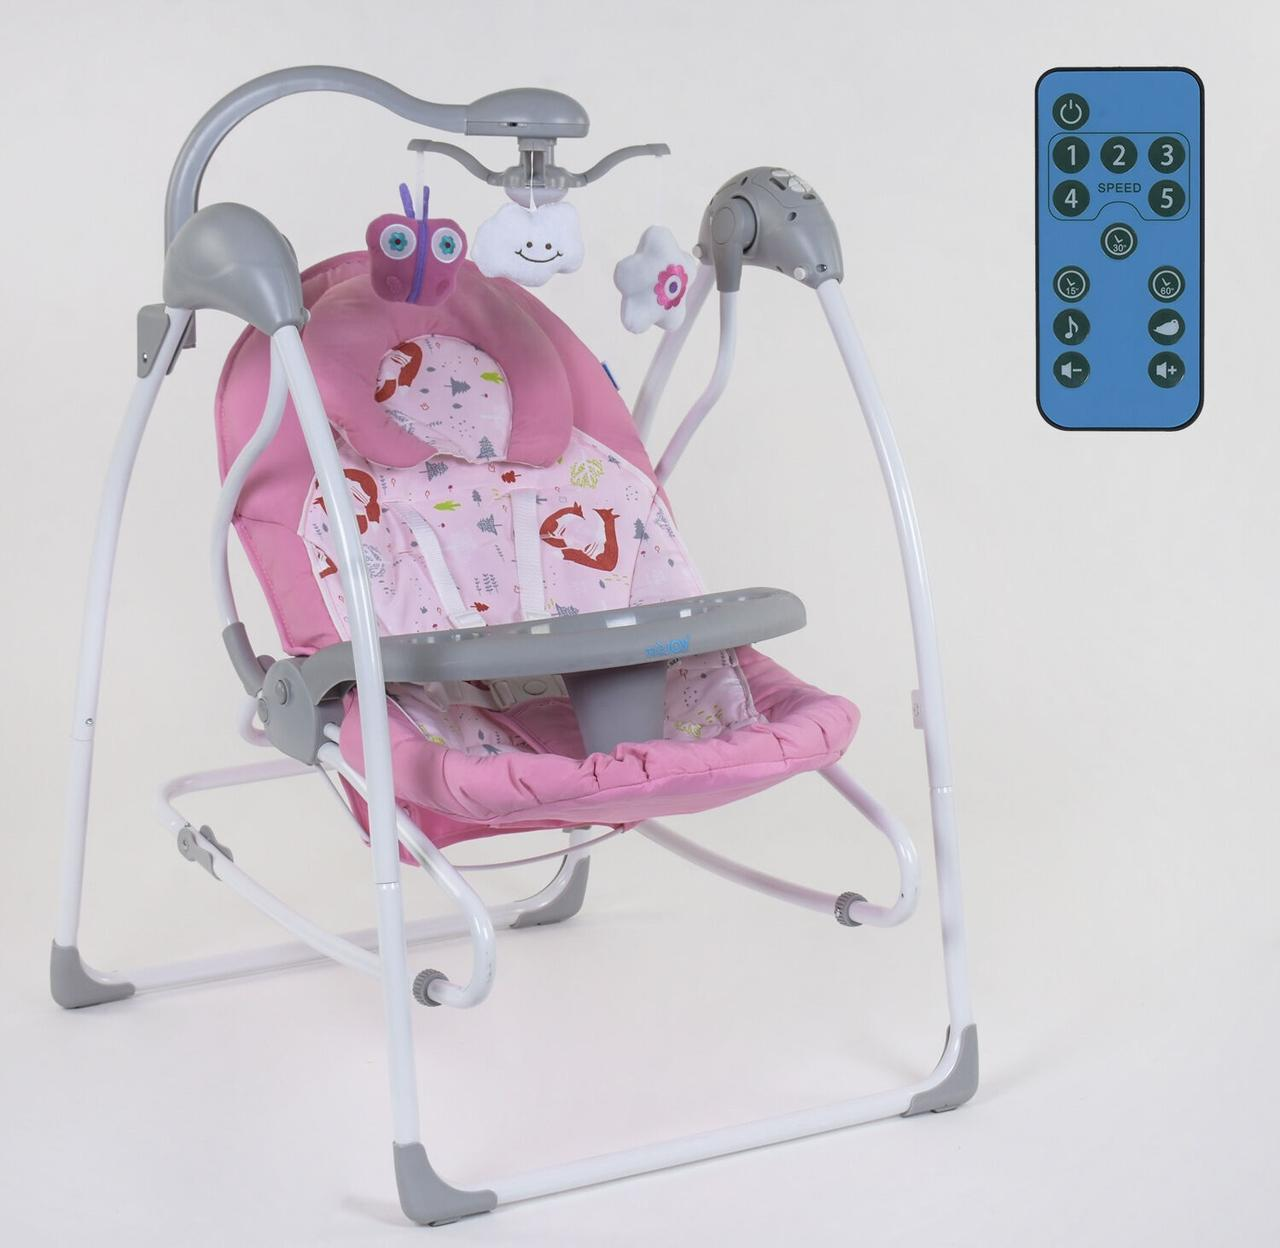 Электронные качели 3в1 СХ-60680 JOY розовый 81681